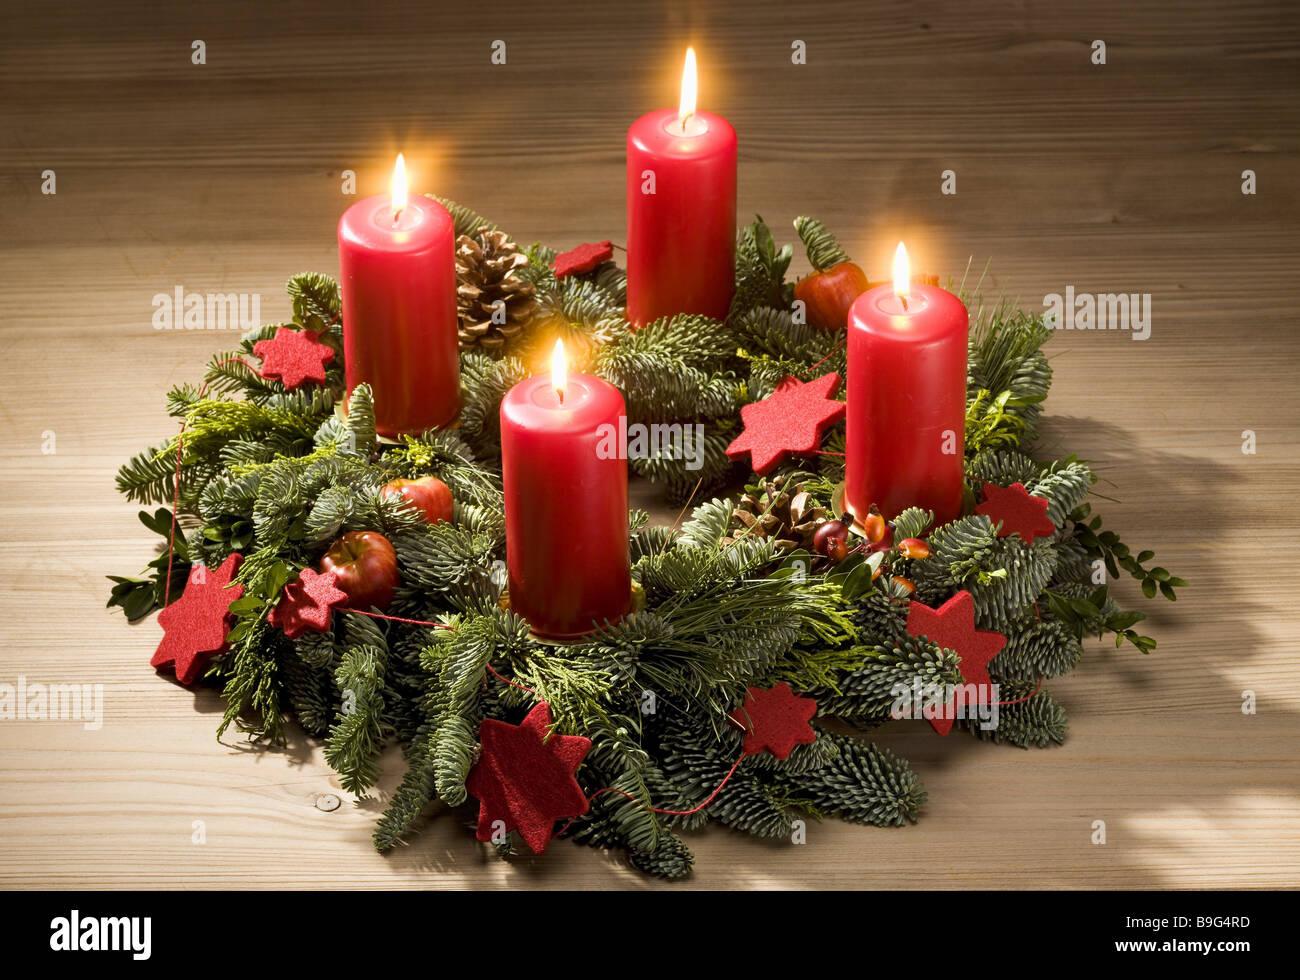 Tabelle adventskranz weihnachtskerzen advents zeit brennen - Adventskranz englisch ...